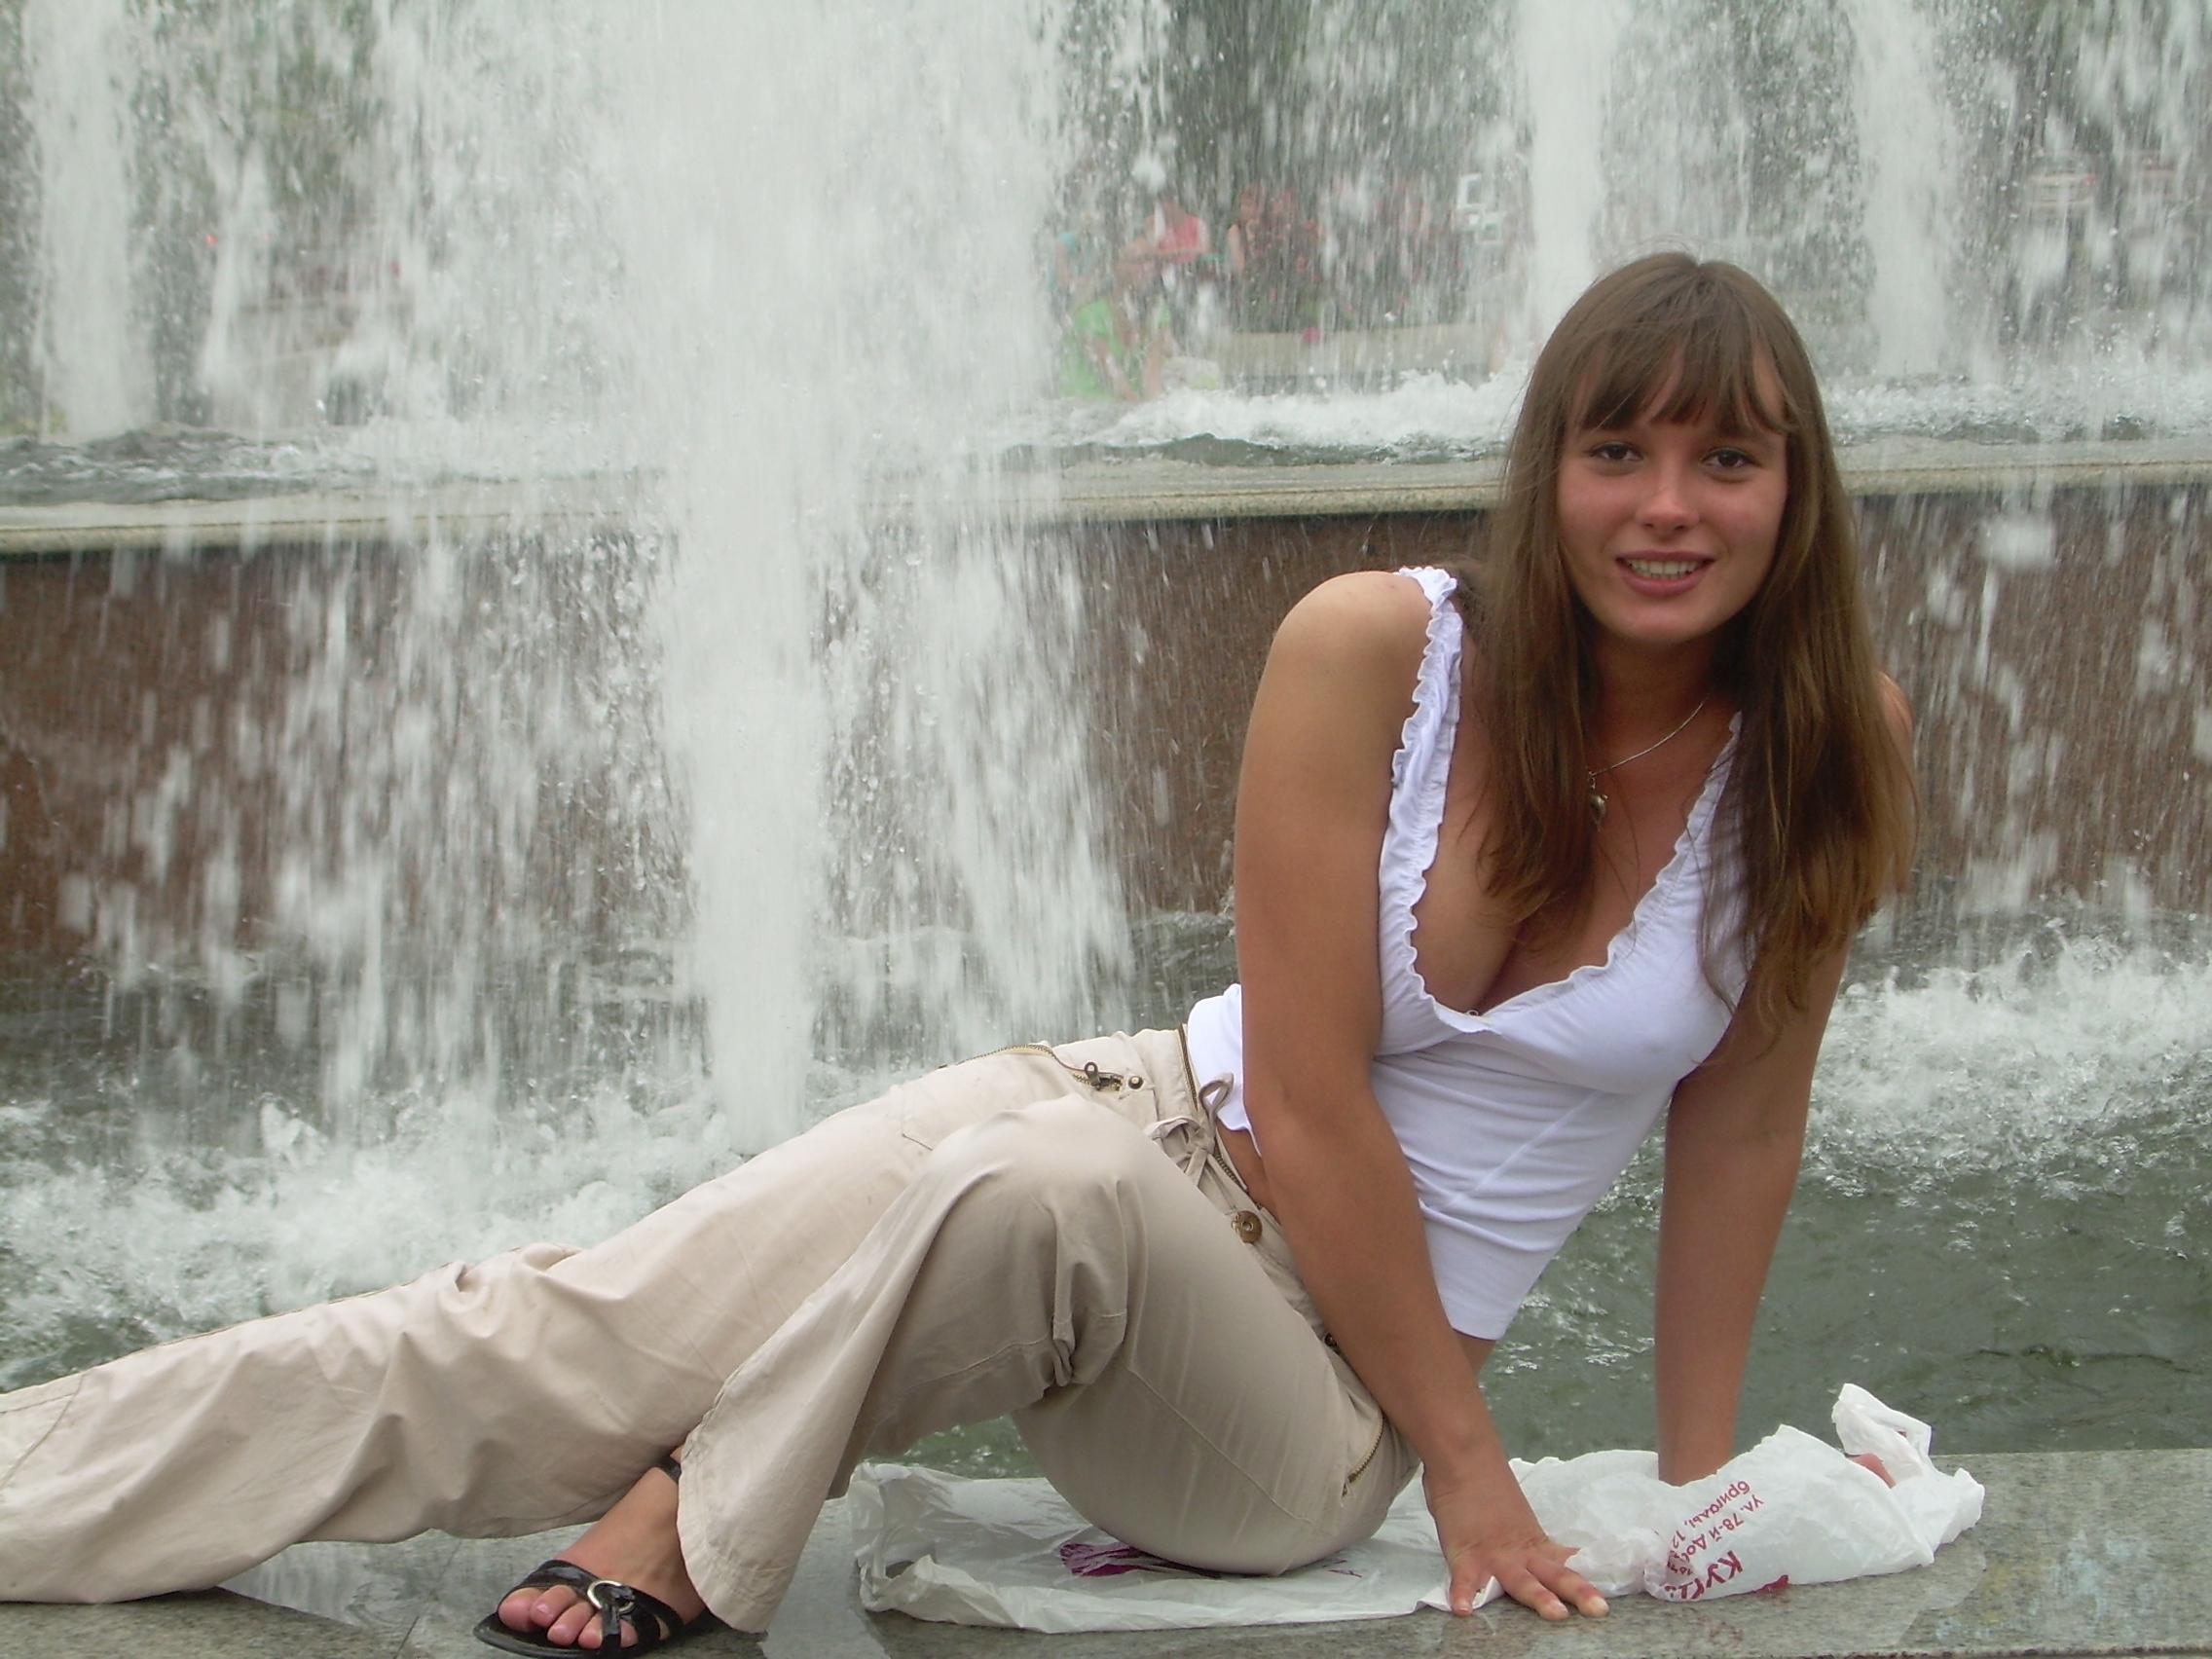 Русская сисястая девушка 20 фотография